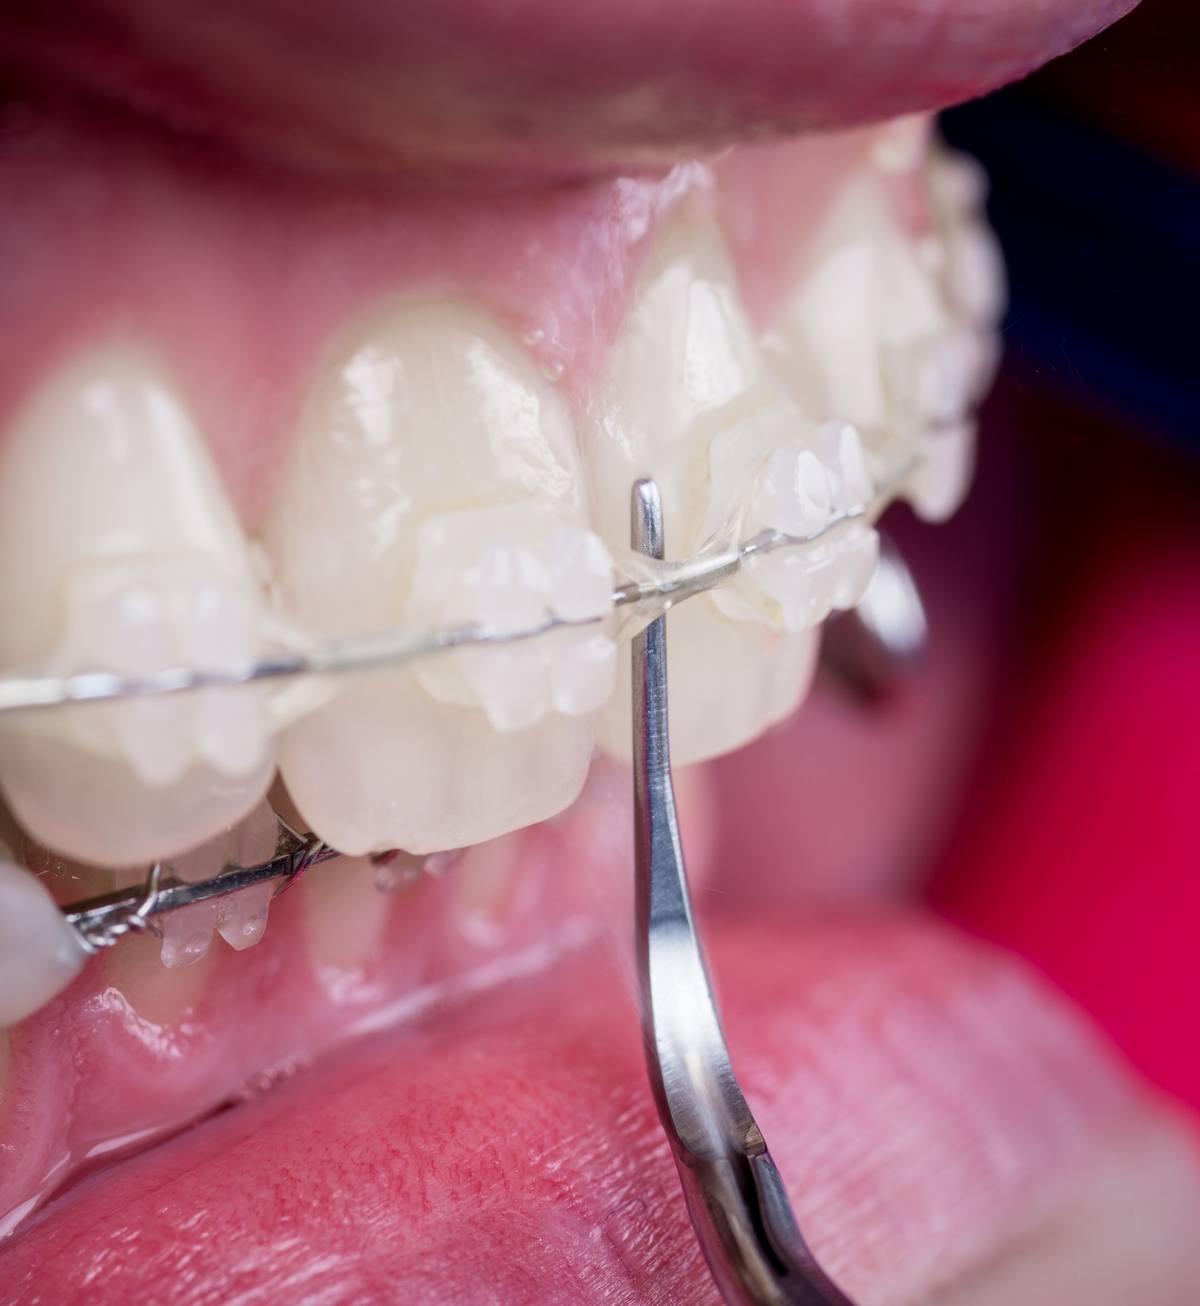 zobni-aparati_o-zobnih-aparatih_drcuratis